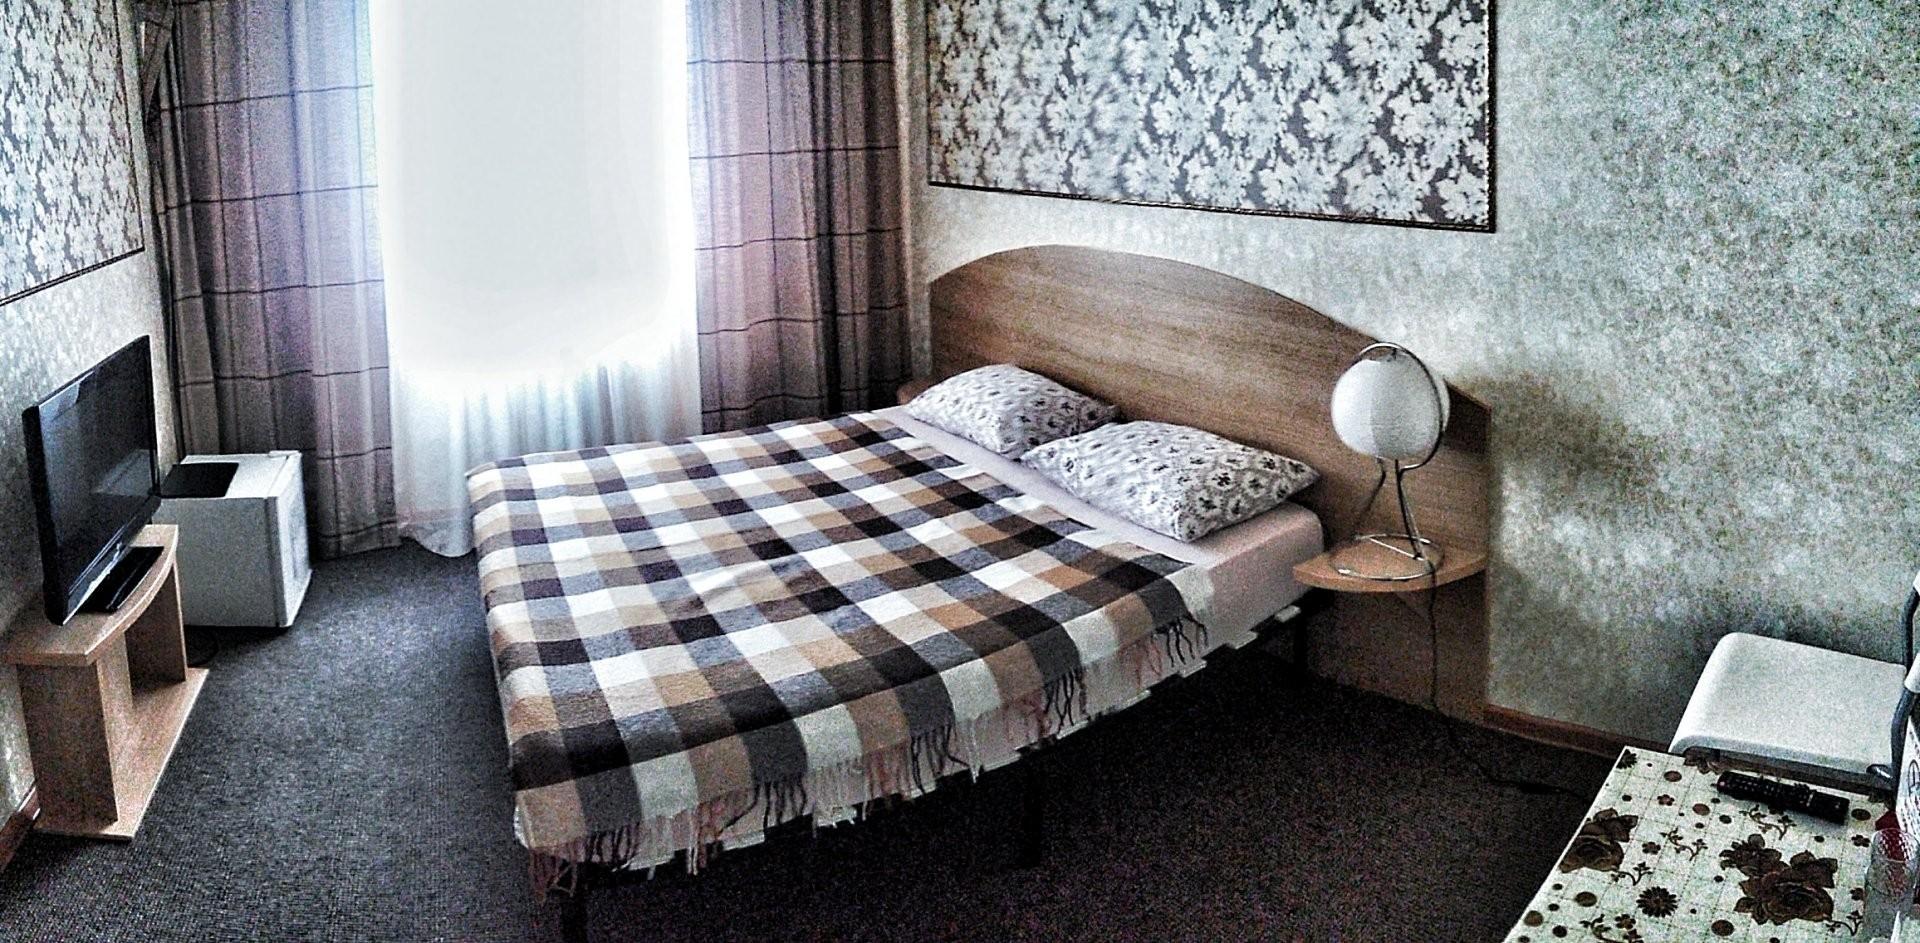 Мальта, гостиничный комплекс - №12